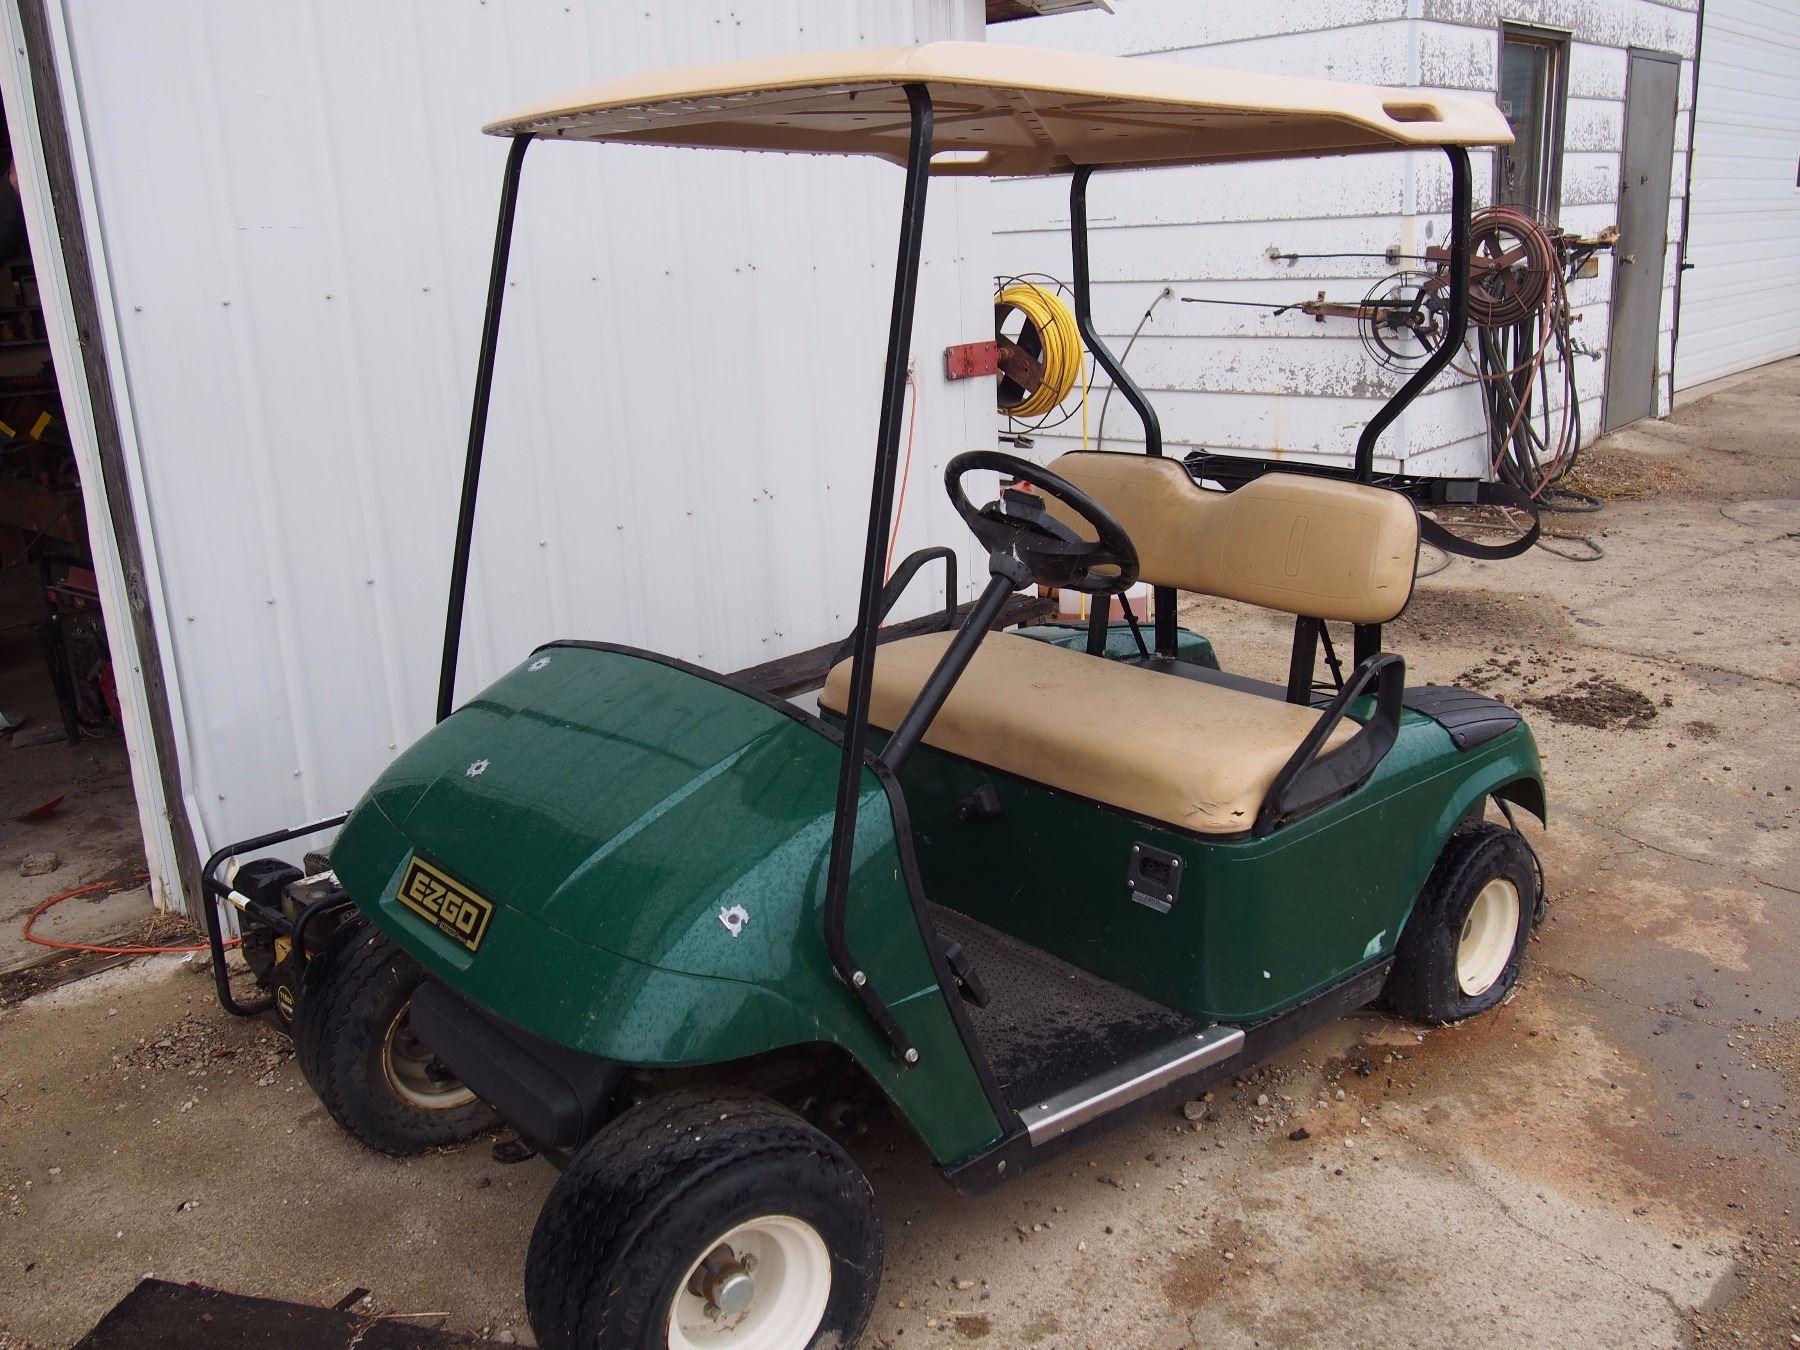 old ez go golf cart, ez go golf cart covers, ez go utility carts, 3 wheel ez go golf cart, ez go electric golf cart, ez go golf cart models years, ez go total charger, ez go golf cart tires, ez go golf cart parts, 2002 ez go golf cart, 19 72 ez go 3 wheeled golf cart, ez go golf cart manufacturer, ez go jacobsen golf cart, on ez go textron golf cart